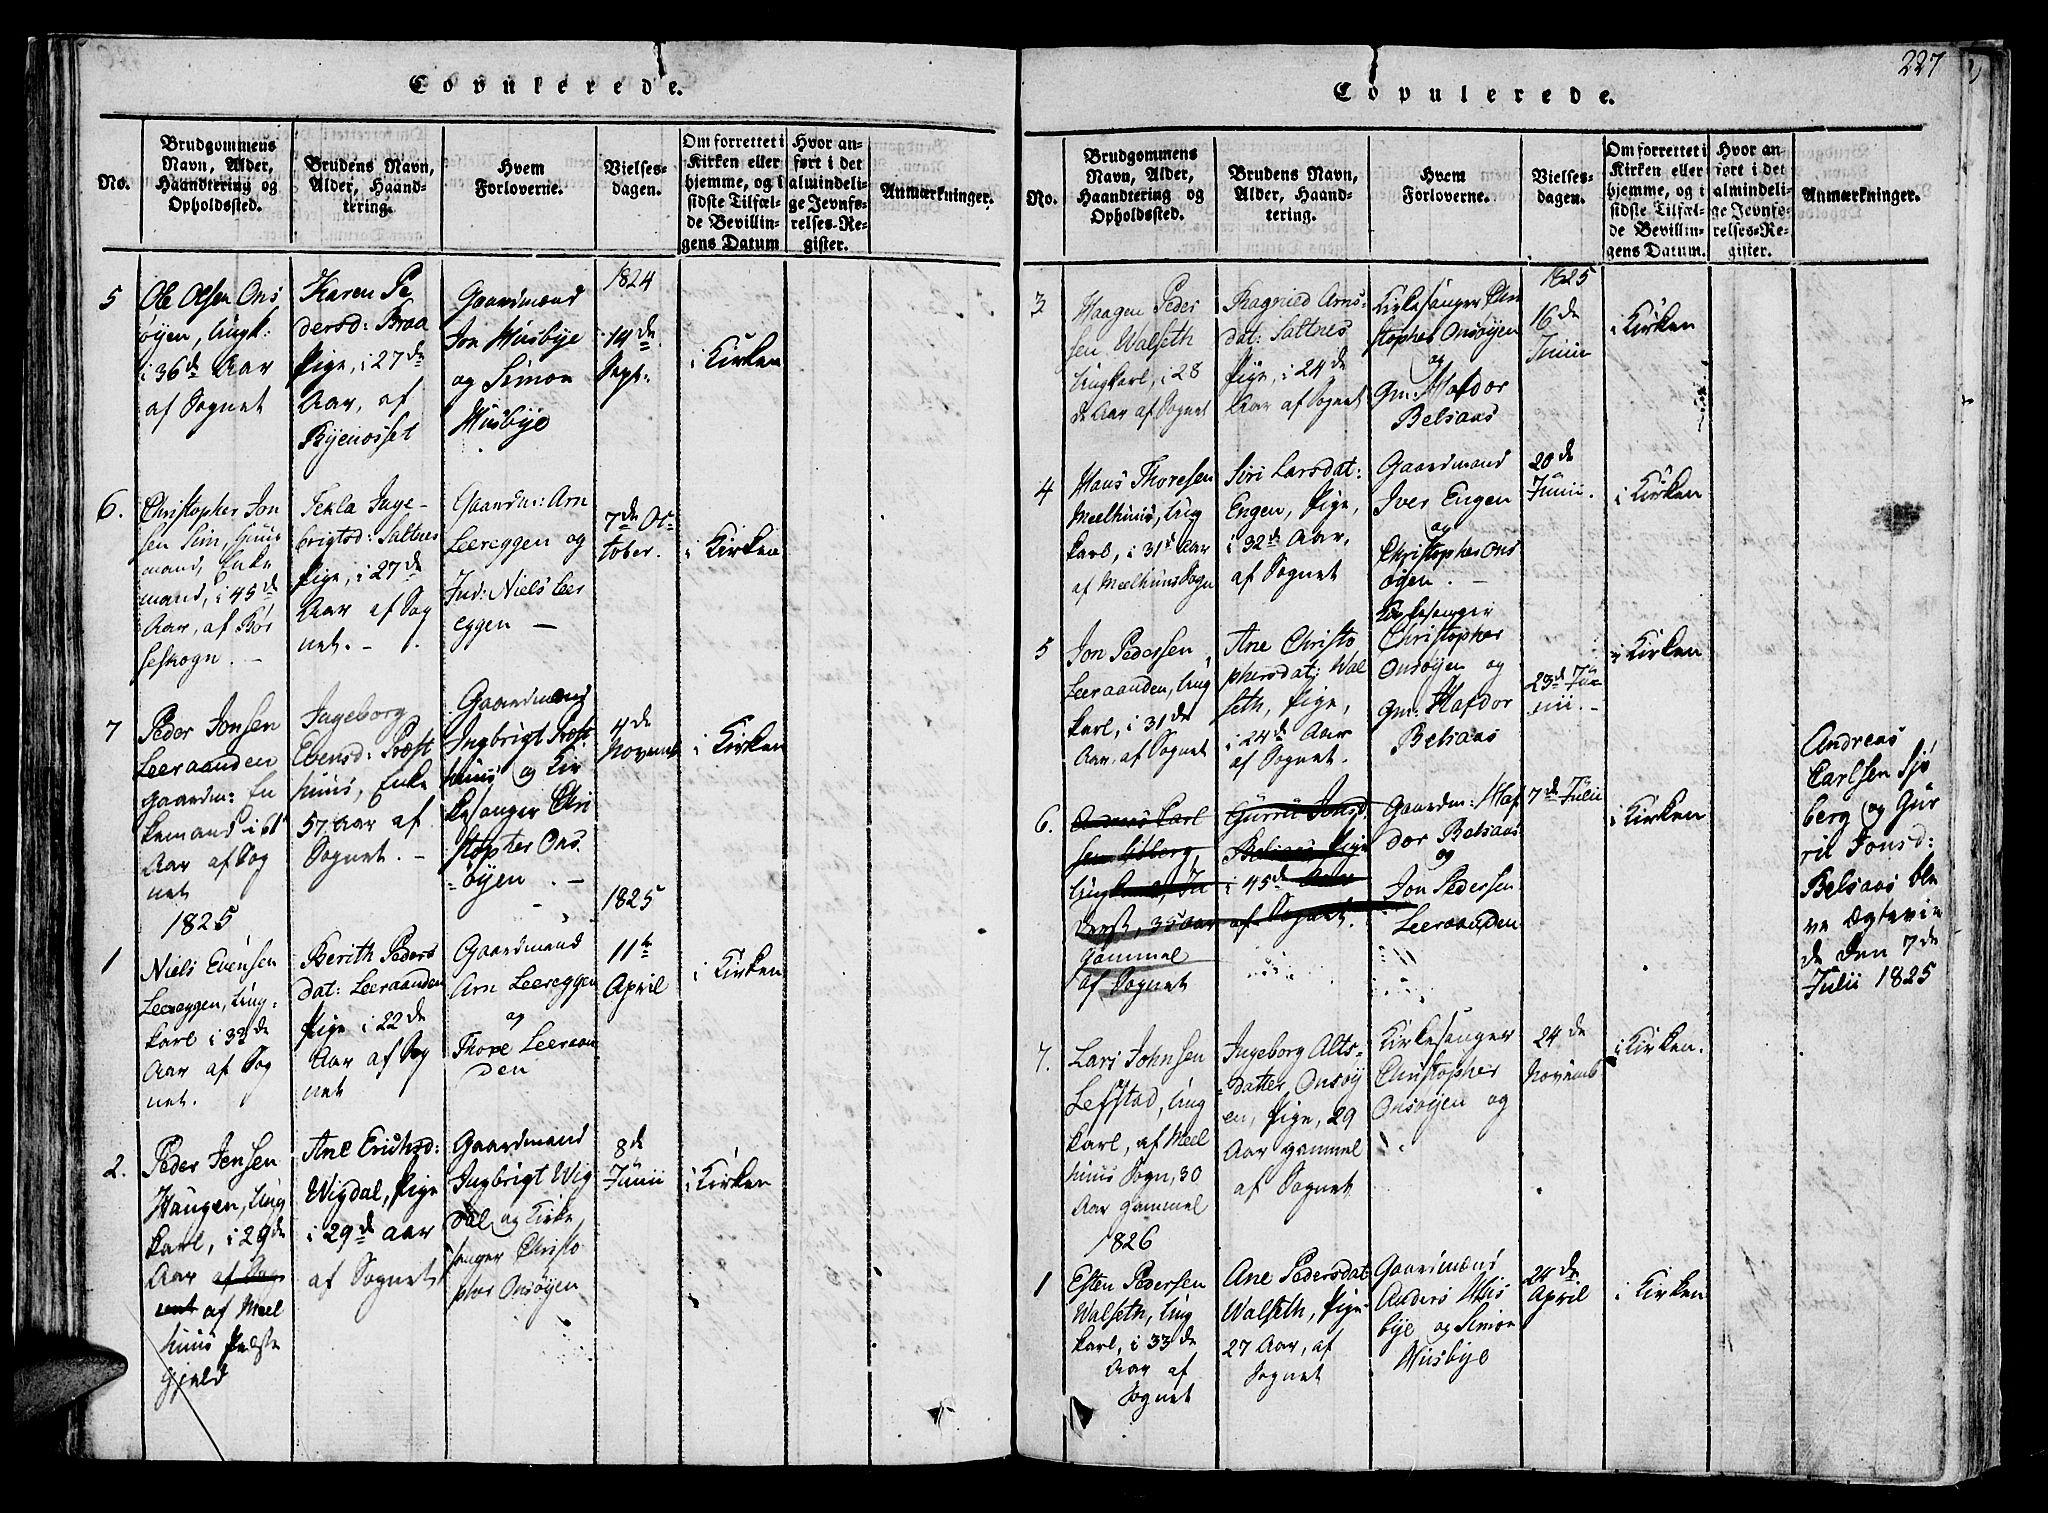 SAT, Ministerialprotokoller, klokkerbøker og fødselsregistre - Sør-Trøndelag, 612/L0373: Ministerialbok nr. 612A06 /2, 1816-1828, s. 227